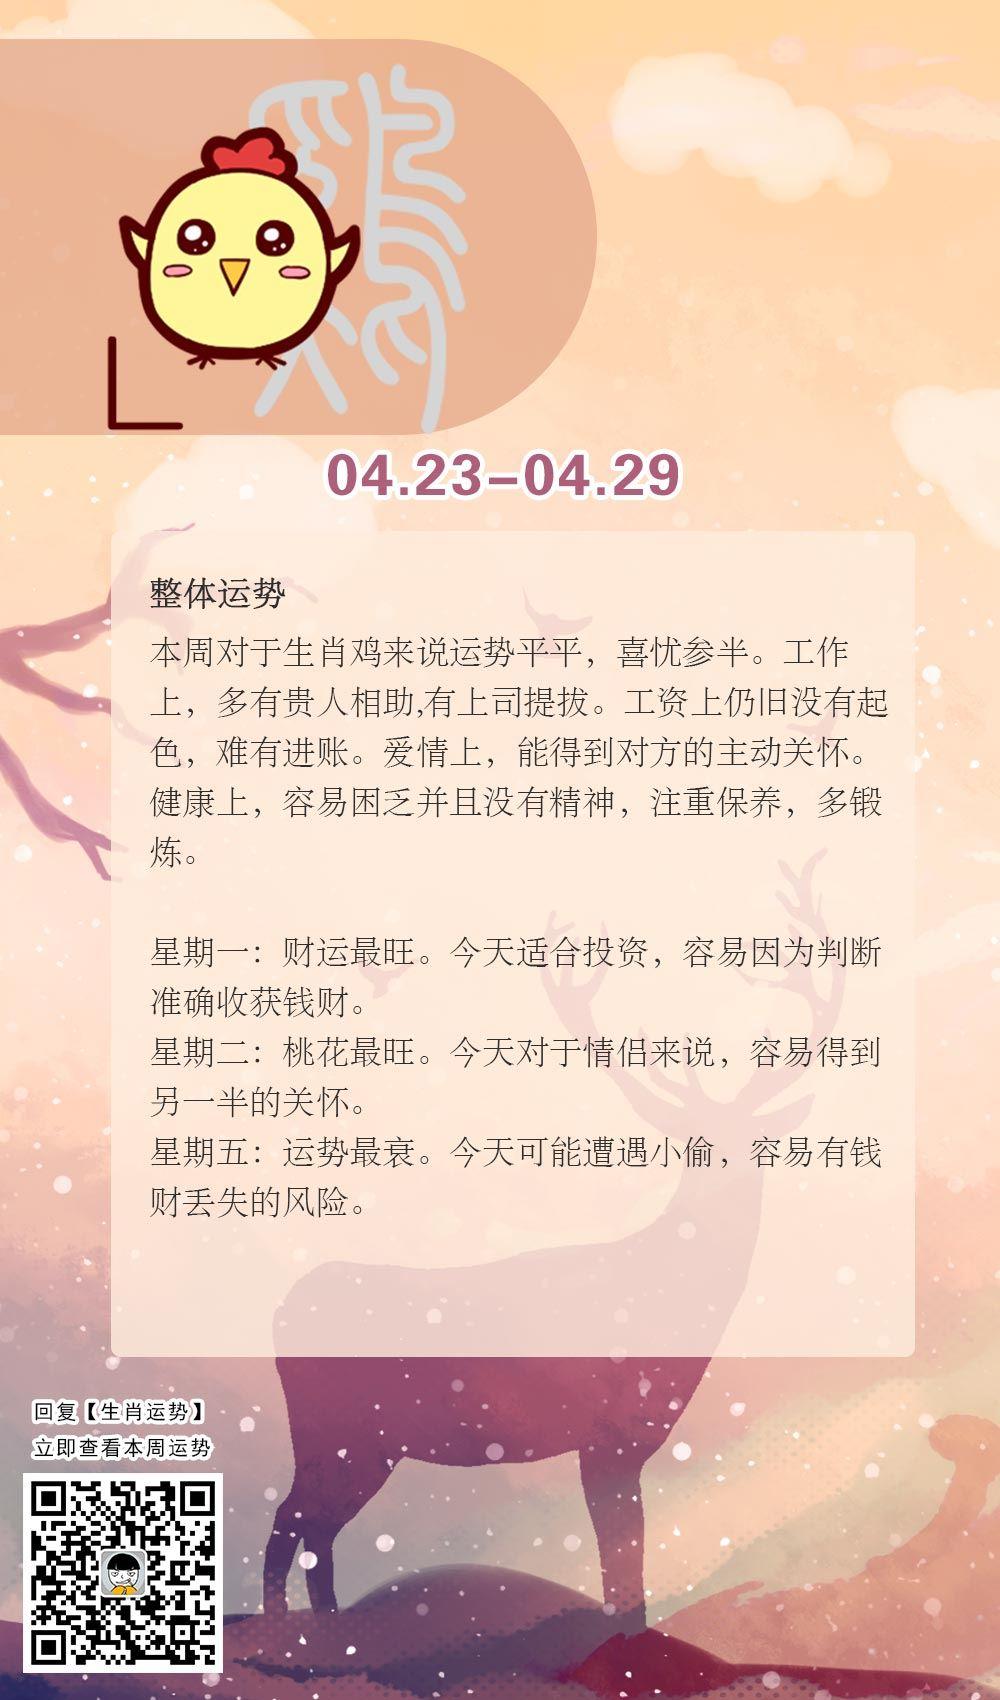 生肖鸡本周运势【2018.04.23-04.29】